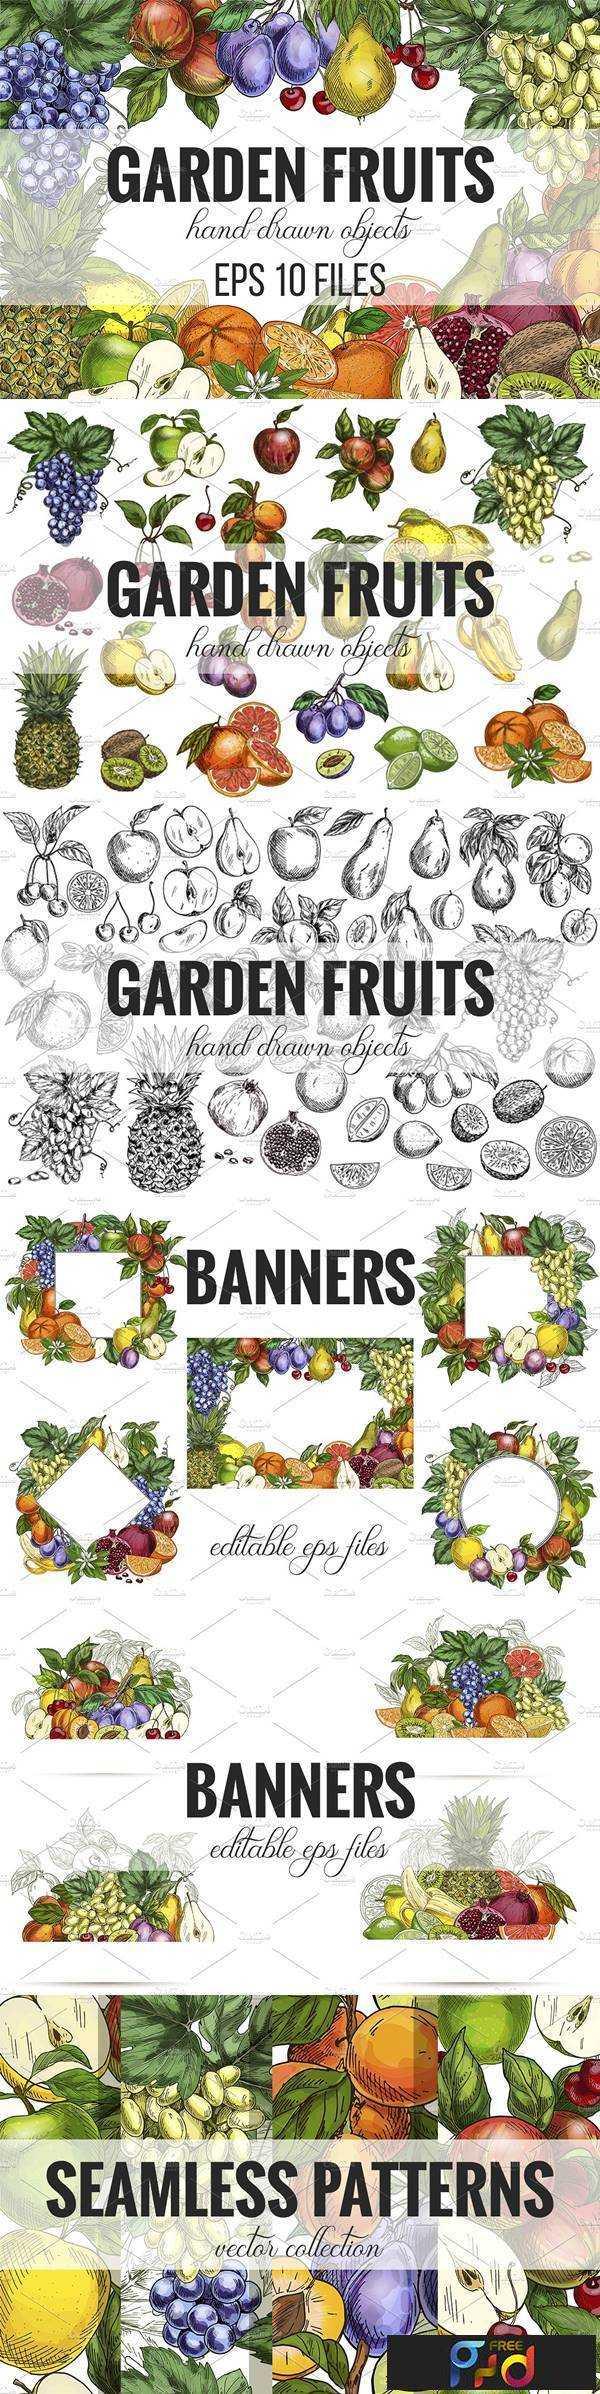 1805279 Garden Fruits, vector collection 2404657 1